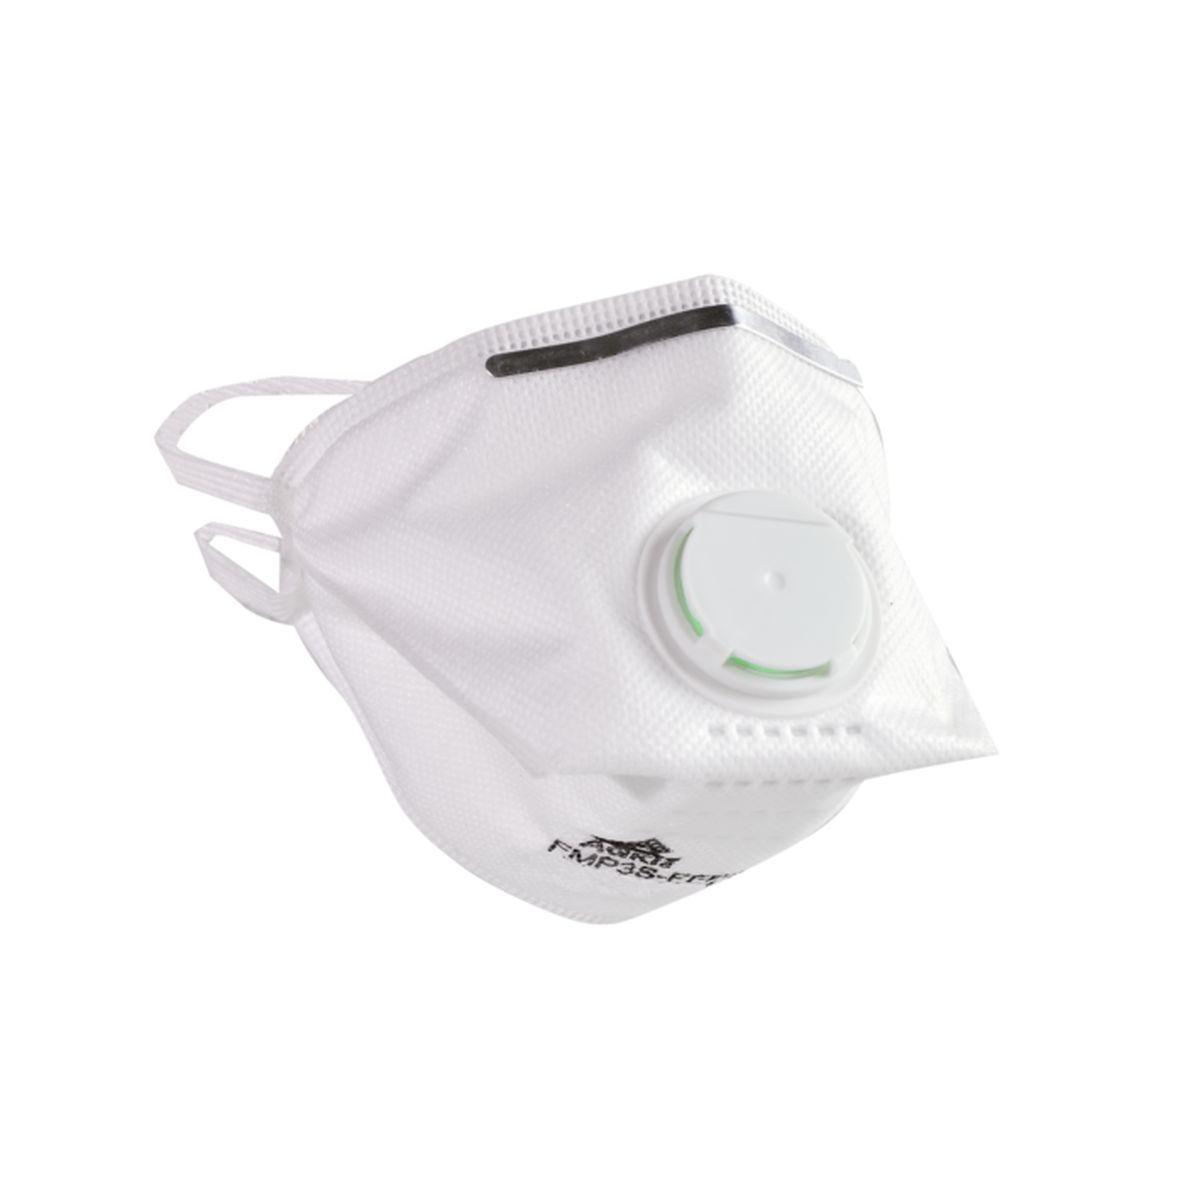 Atemschutzmaske FFP 3 mit Ventil